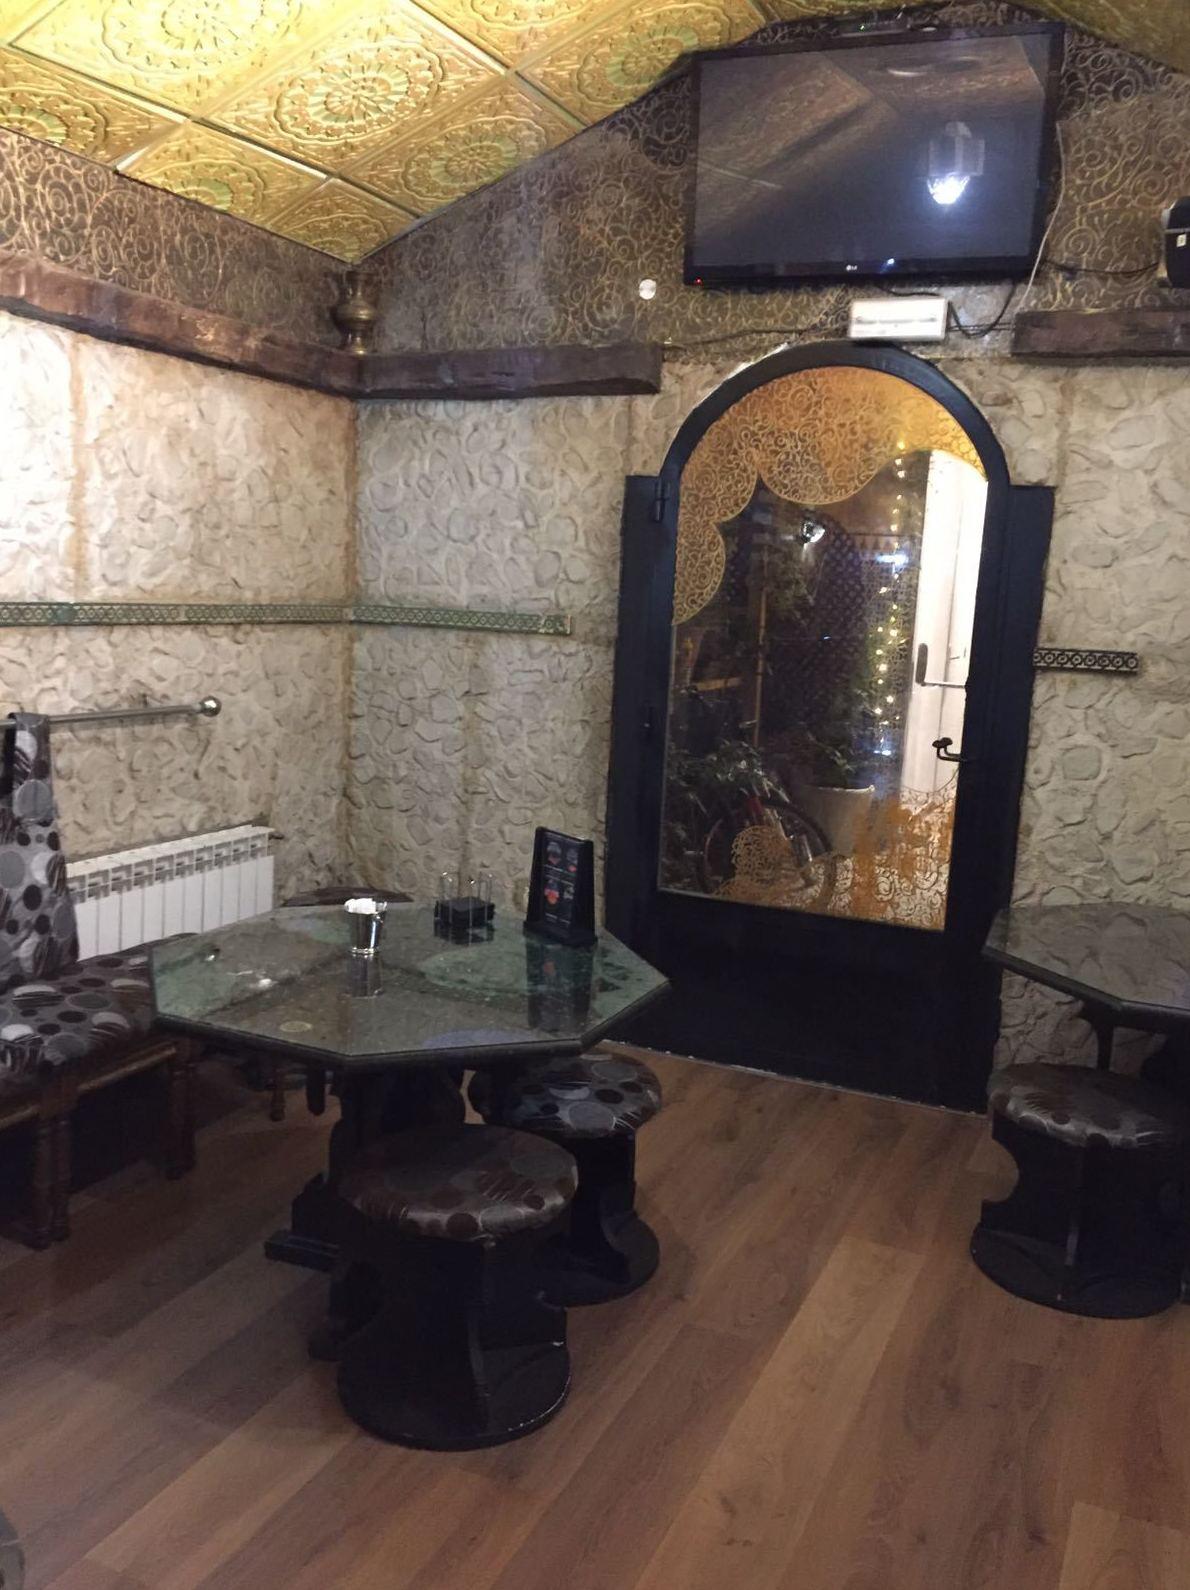 Foto 14 de Cocina árabe en Madrid   Las Mil y una Noches